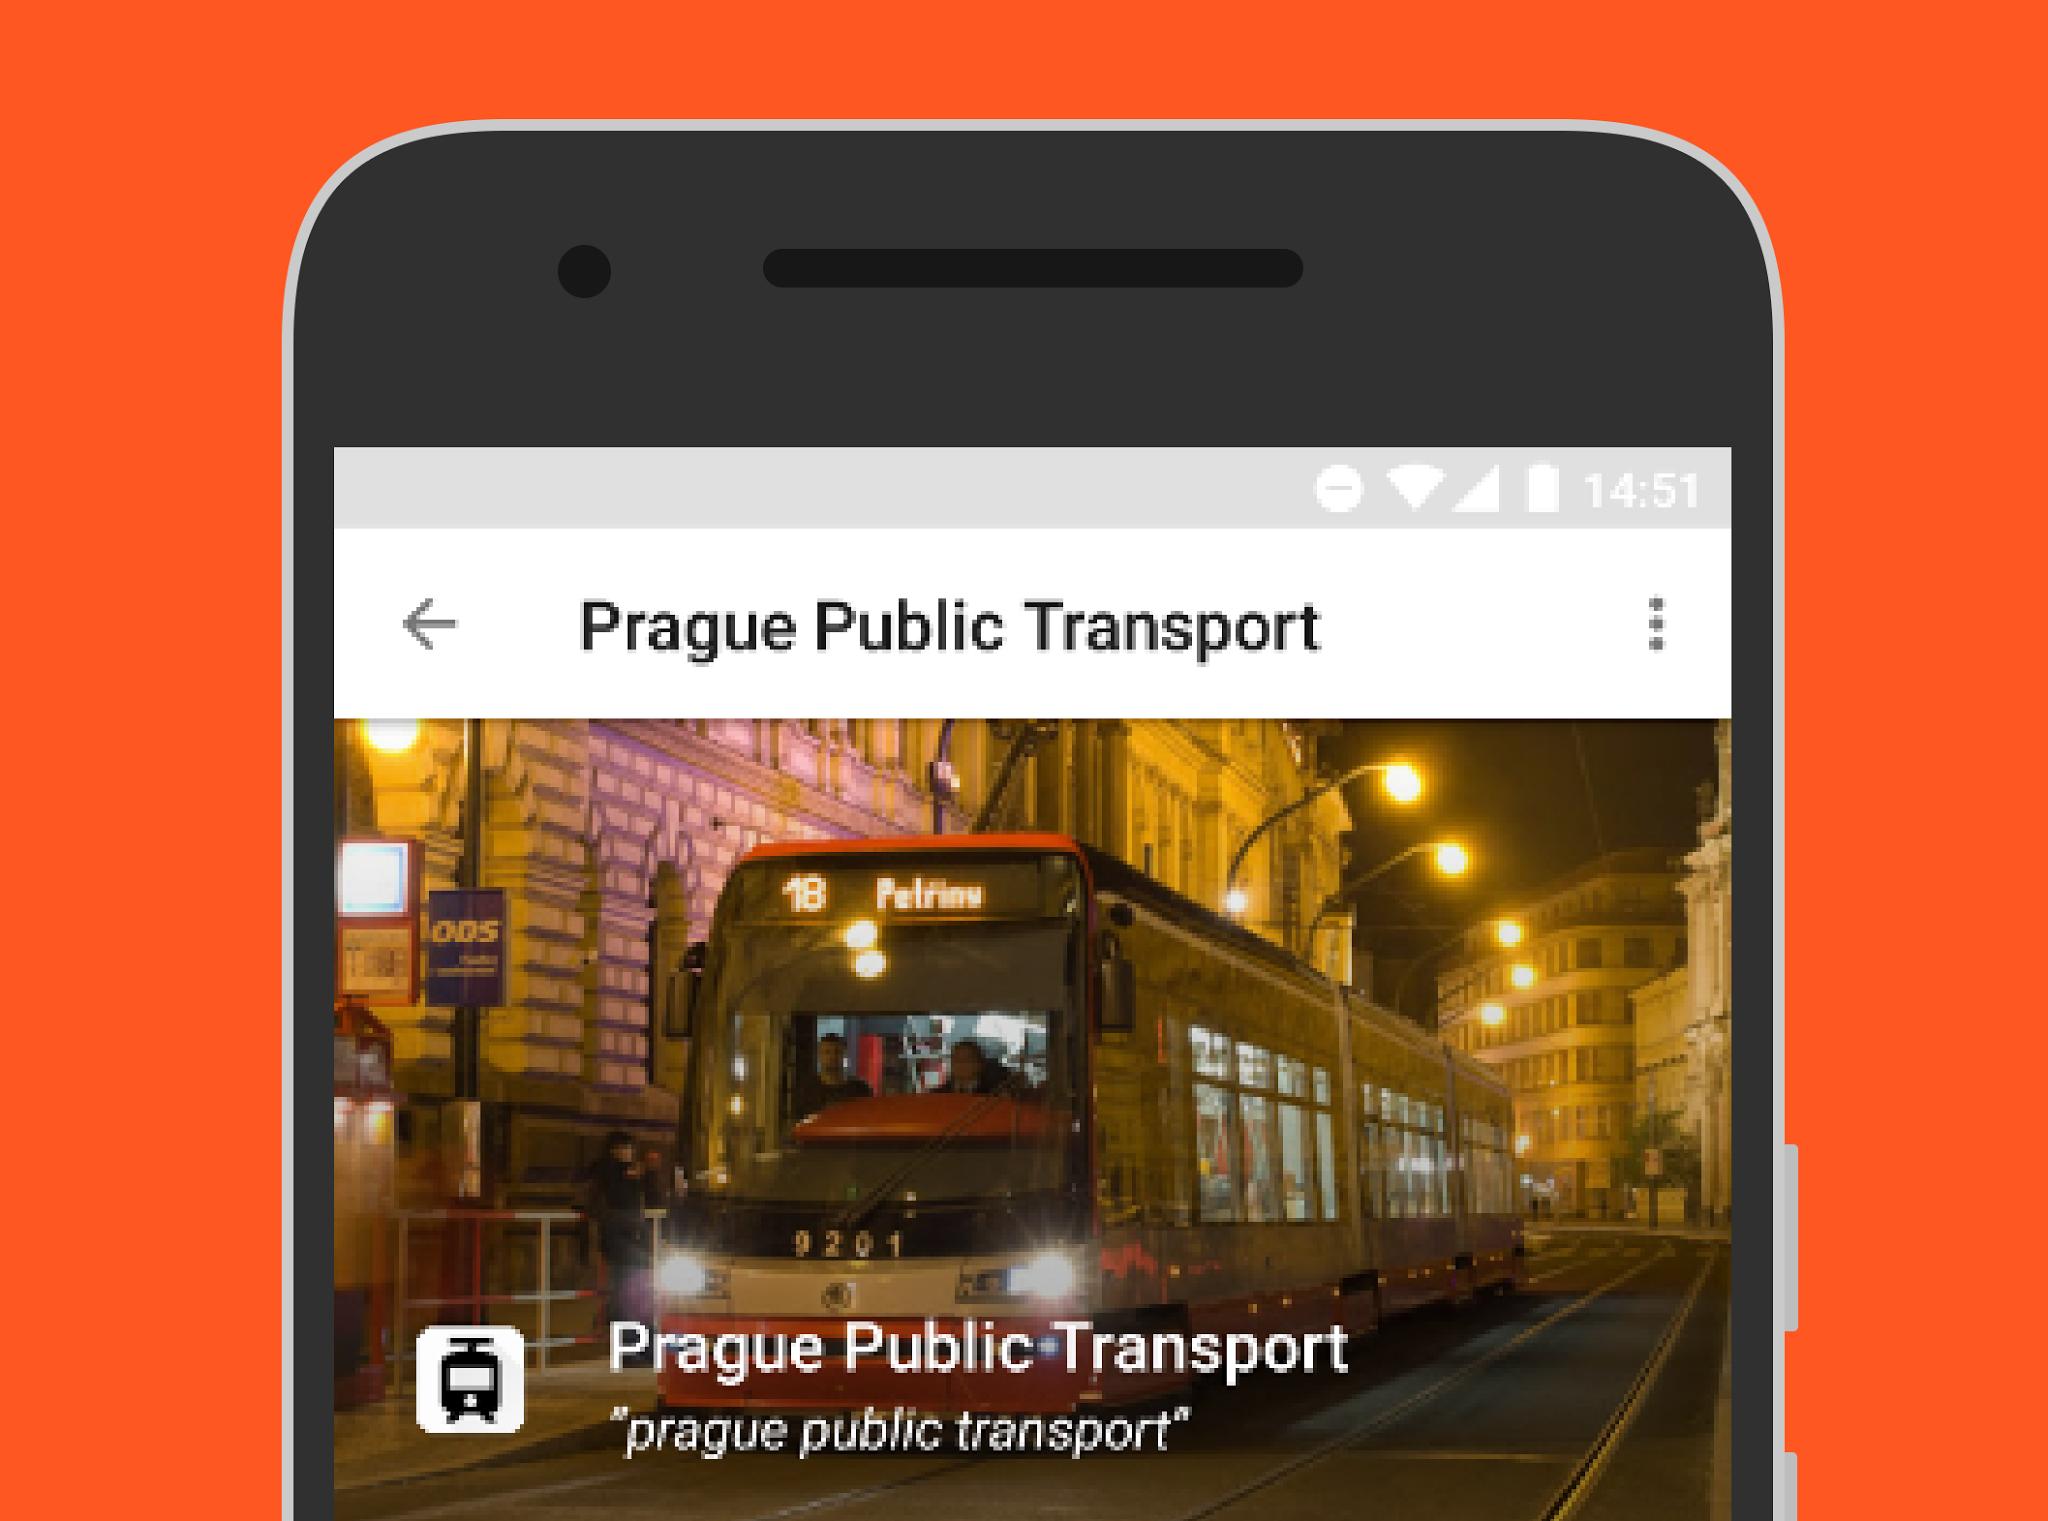 Prague Public Transport: česká aplikace pro Google Home vám řekne, kdy jede nejbližší tramvaj